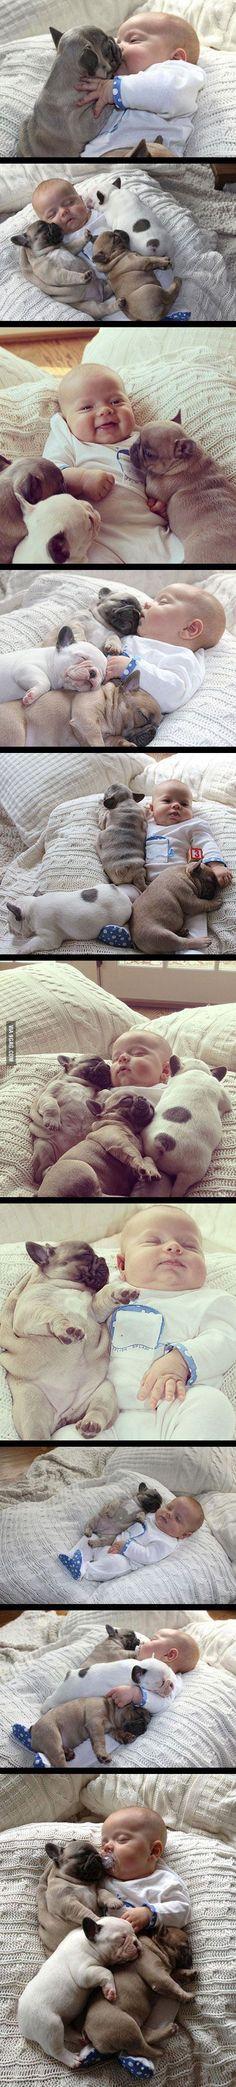 los quiero a toooooodos!! si si incluyendo al bebe!! awwwww